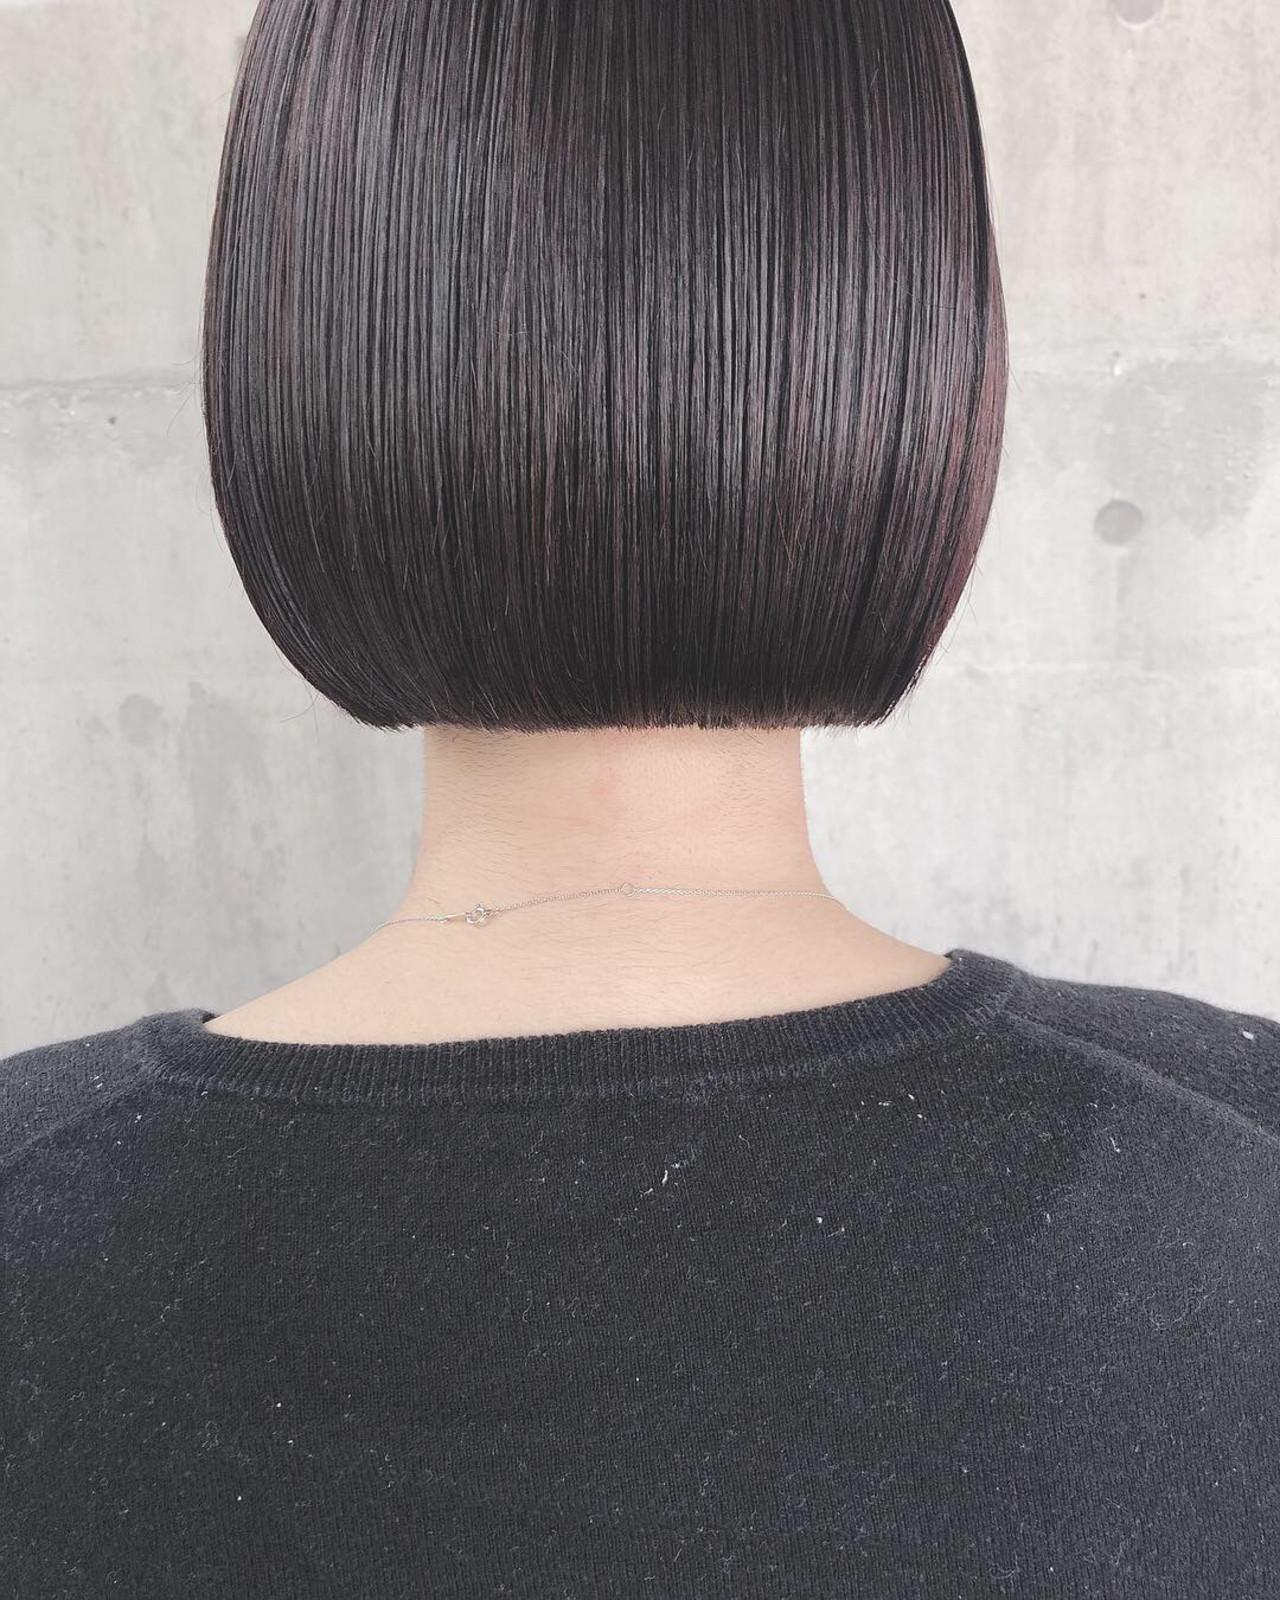 ナチュラル ミニボブ 切りっぱなしボブ 大人かわいい ヘアスタイルや髪型の写真・画像 | 上田智久 / ooit 福岡 天神 / ooit